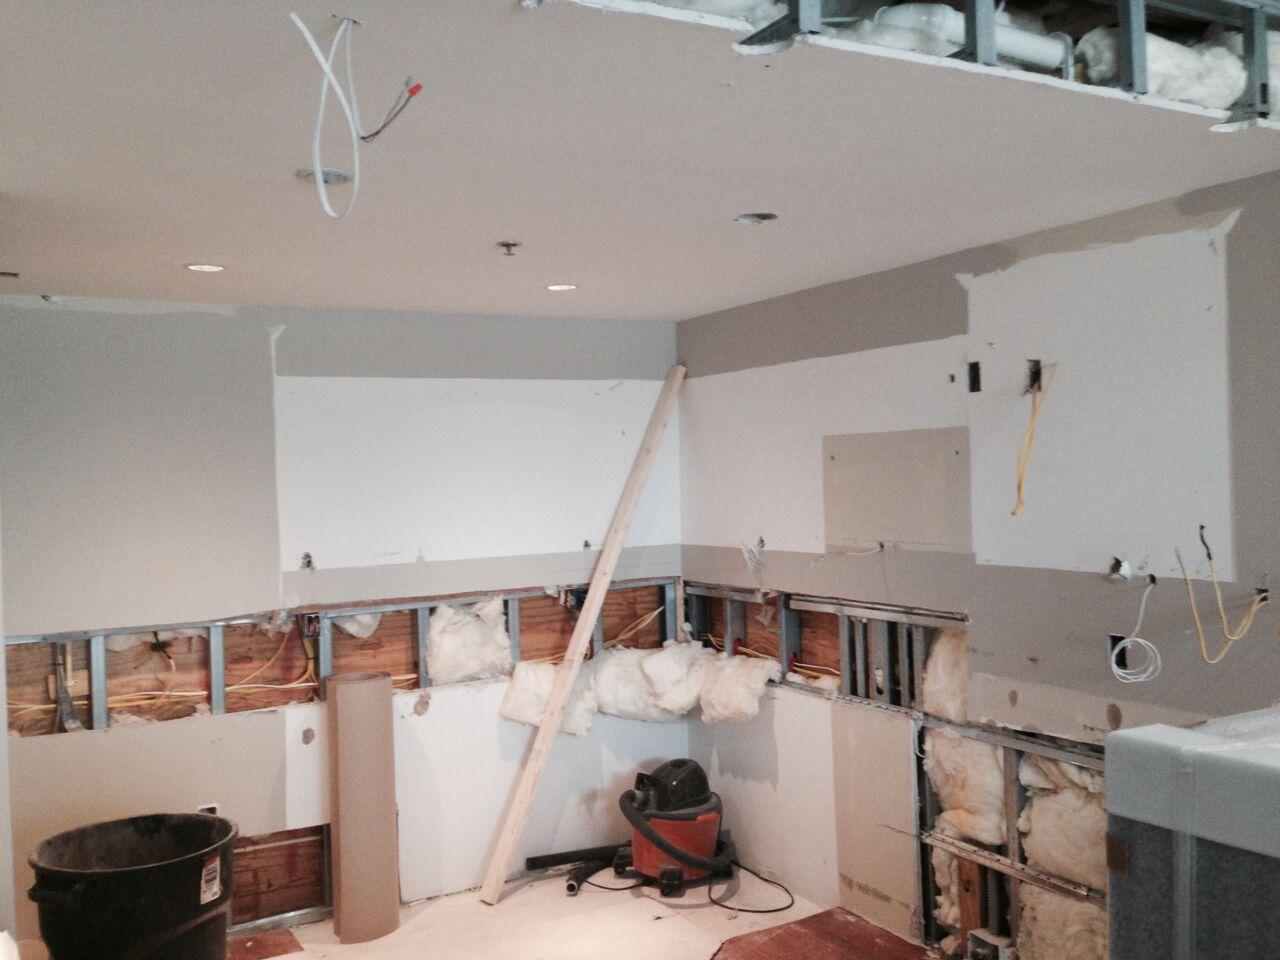 kitchen remodel demolition 2